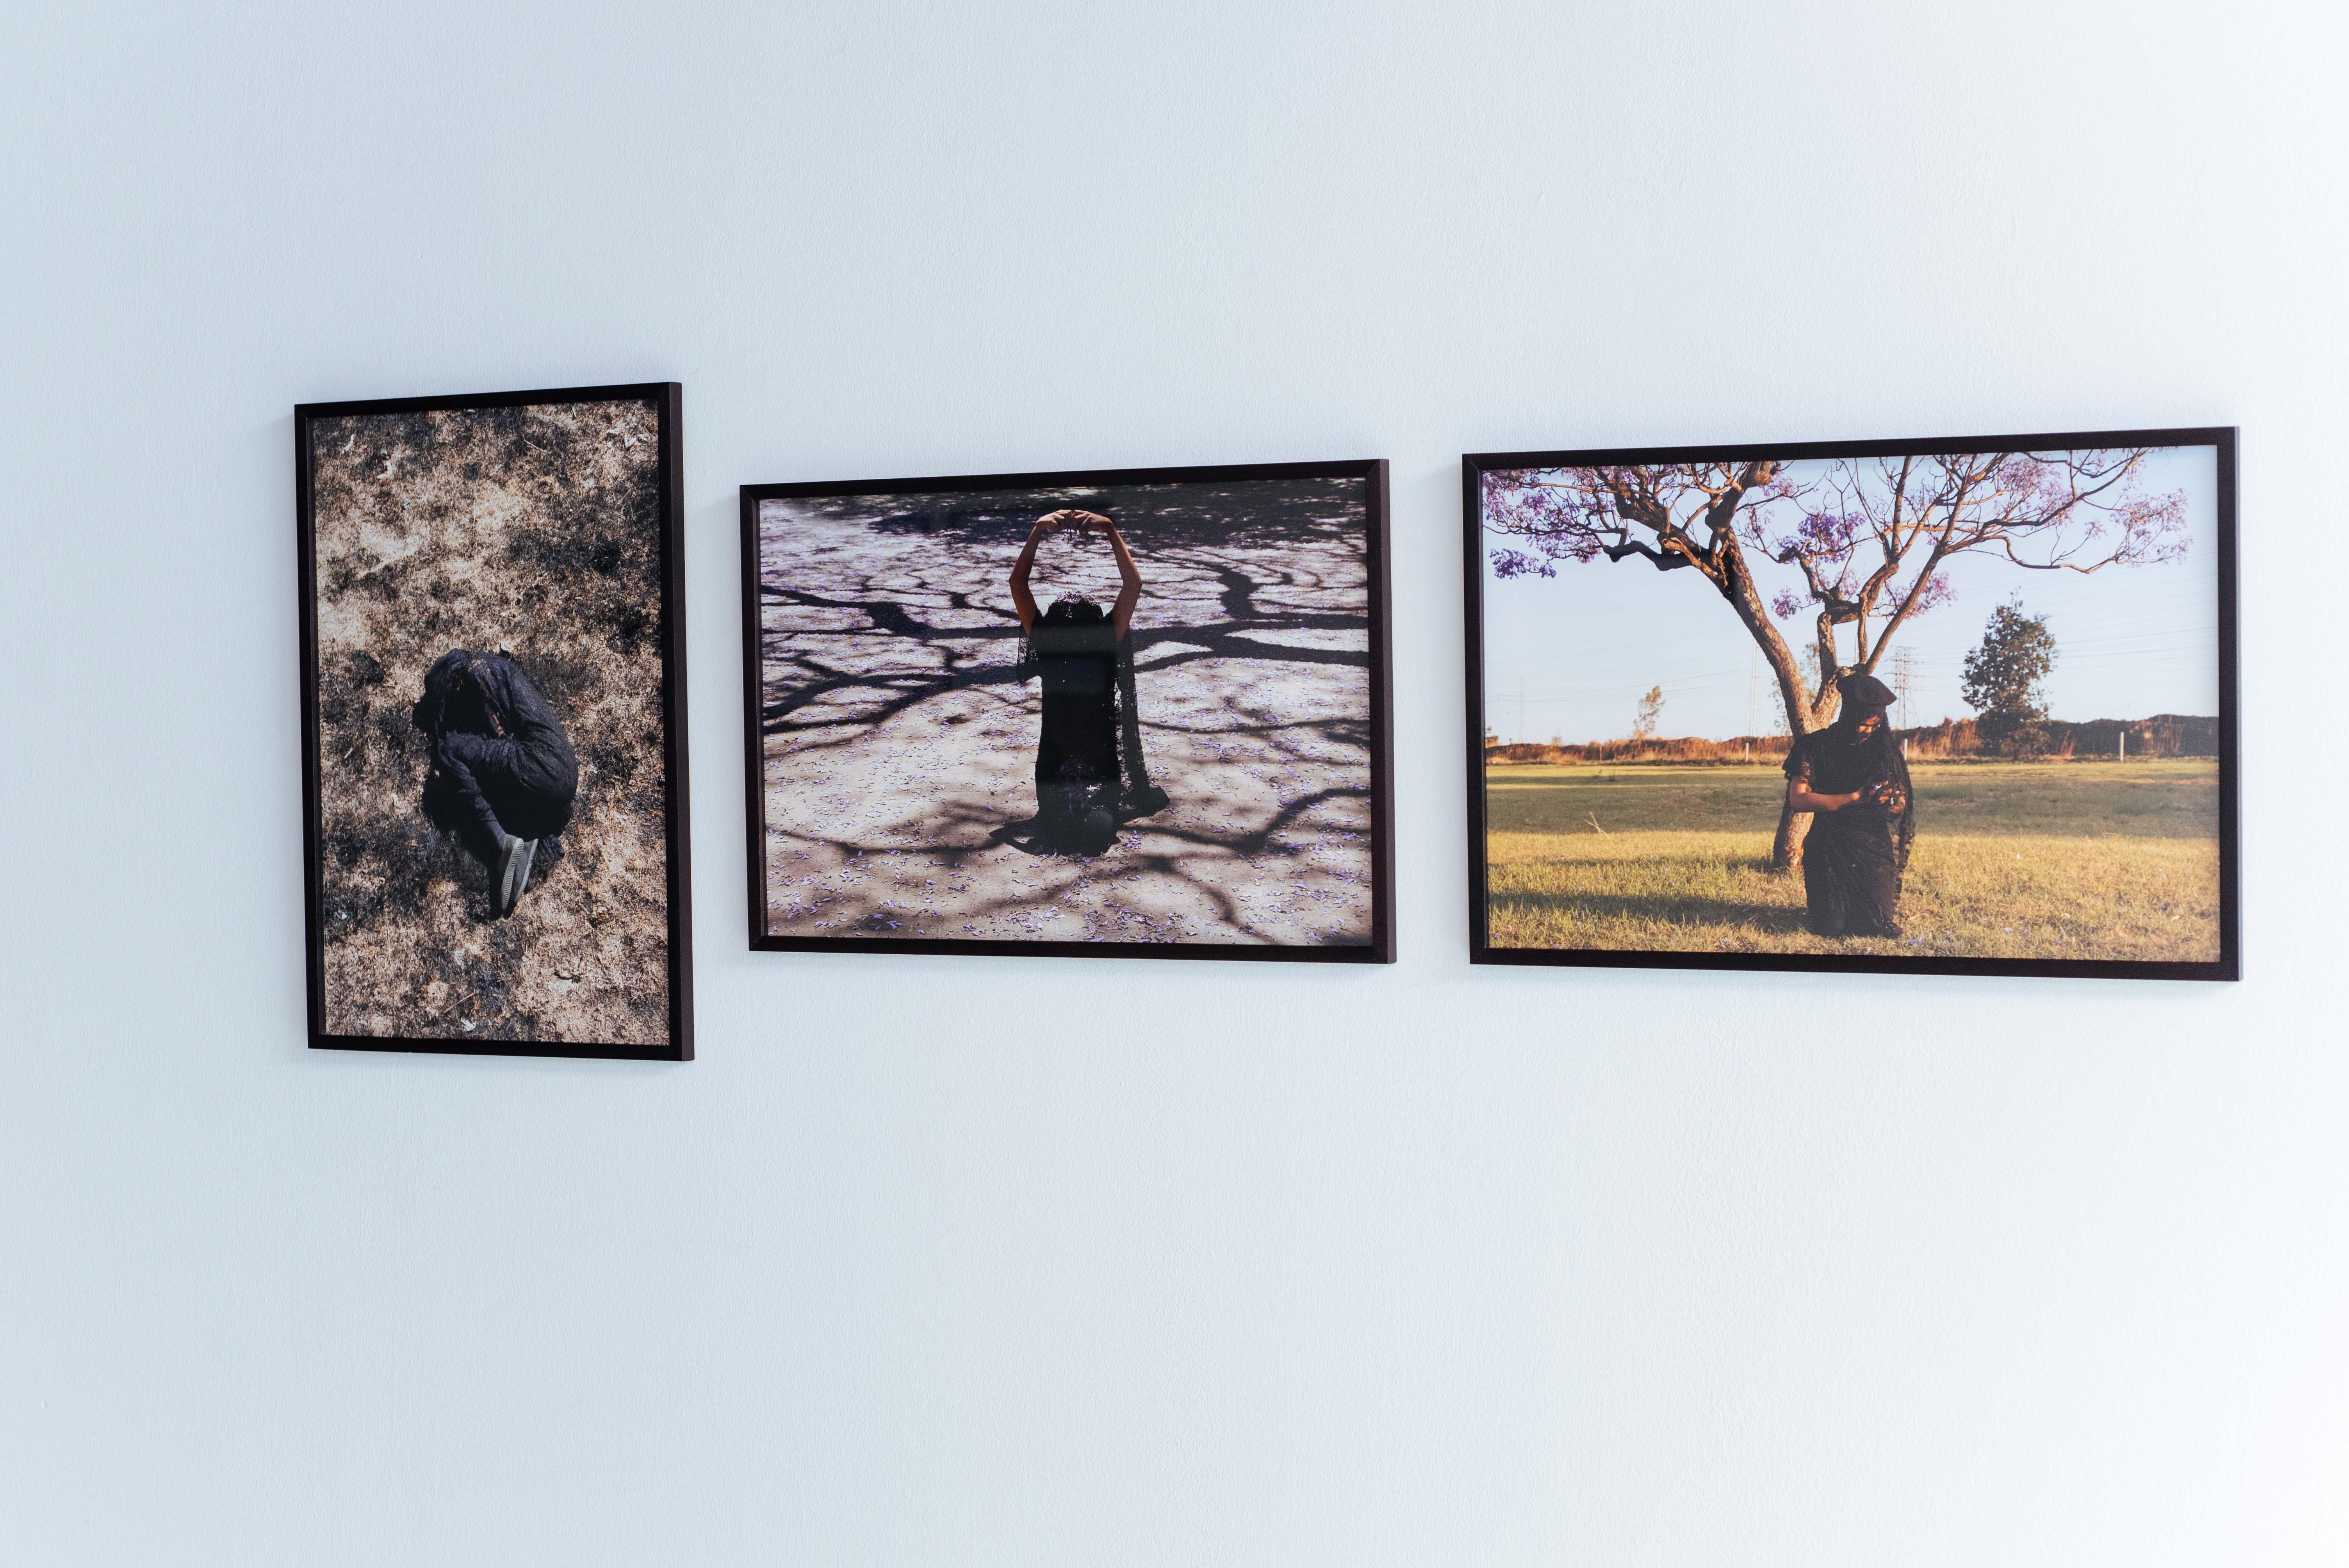 Exhibition of Thandiwe Msebenzi's photographs